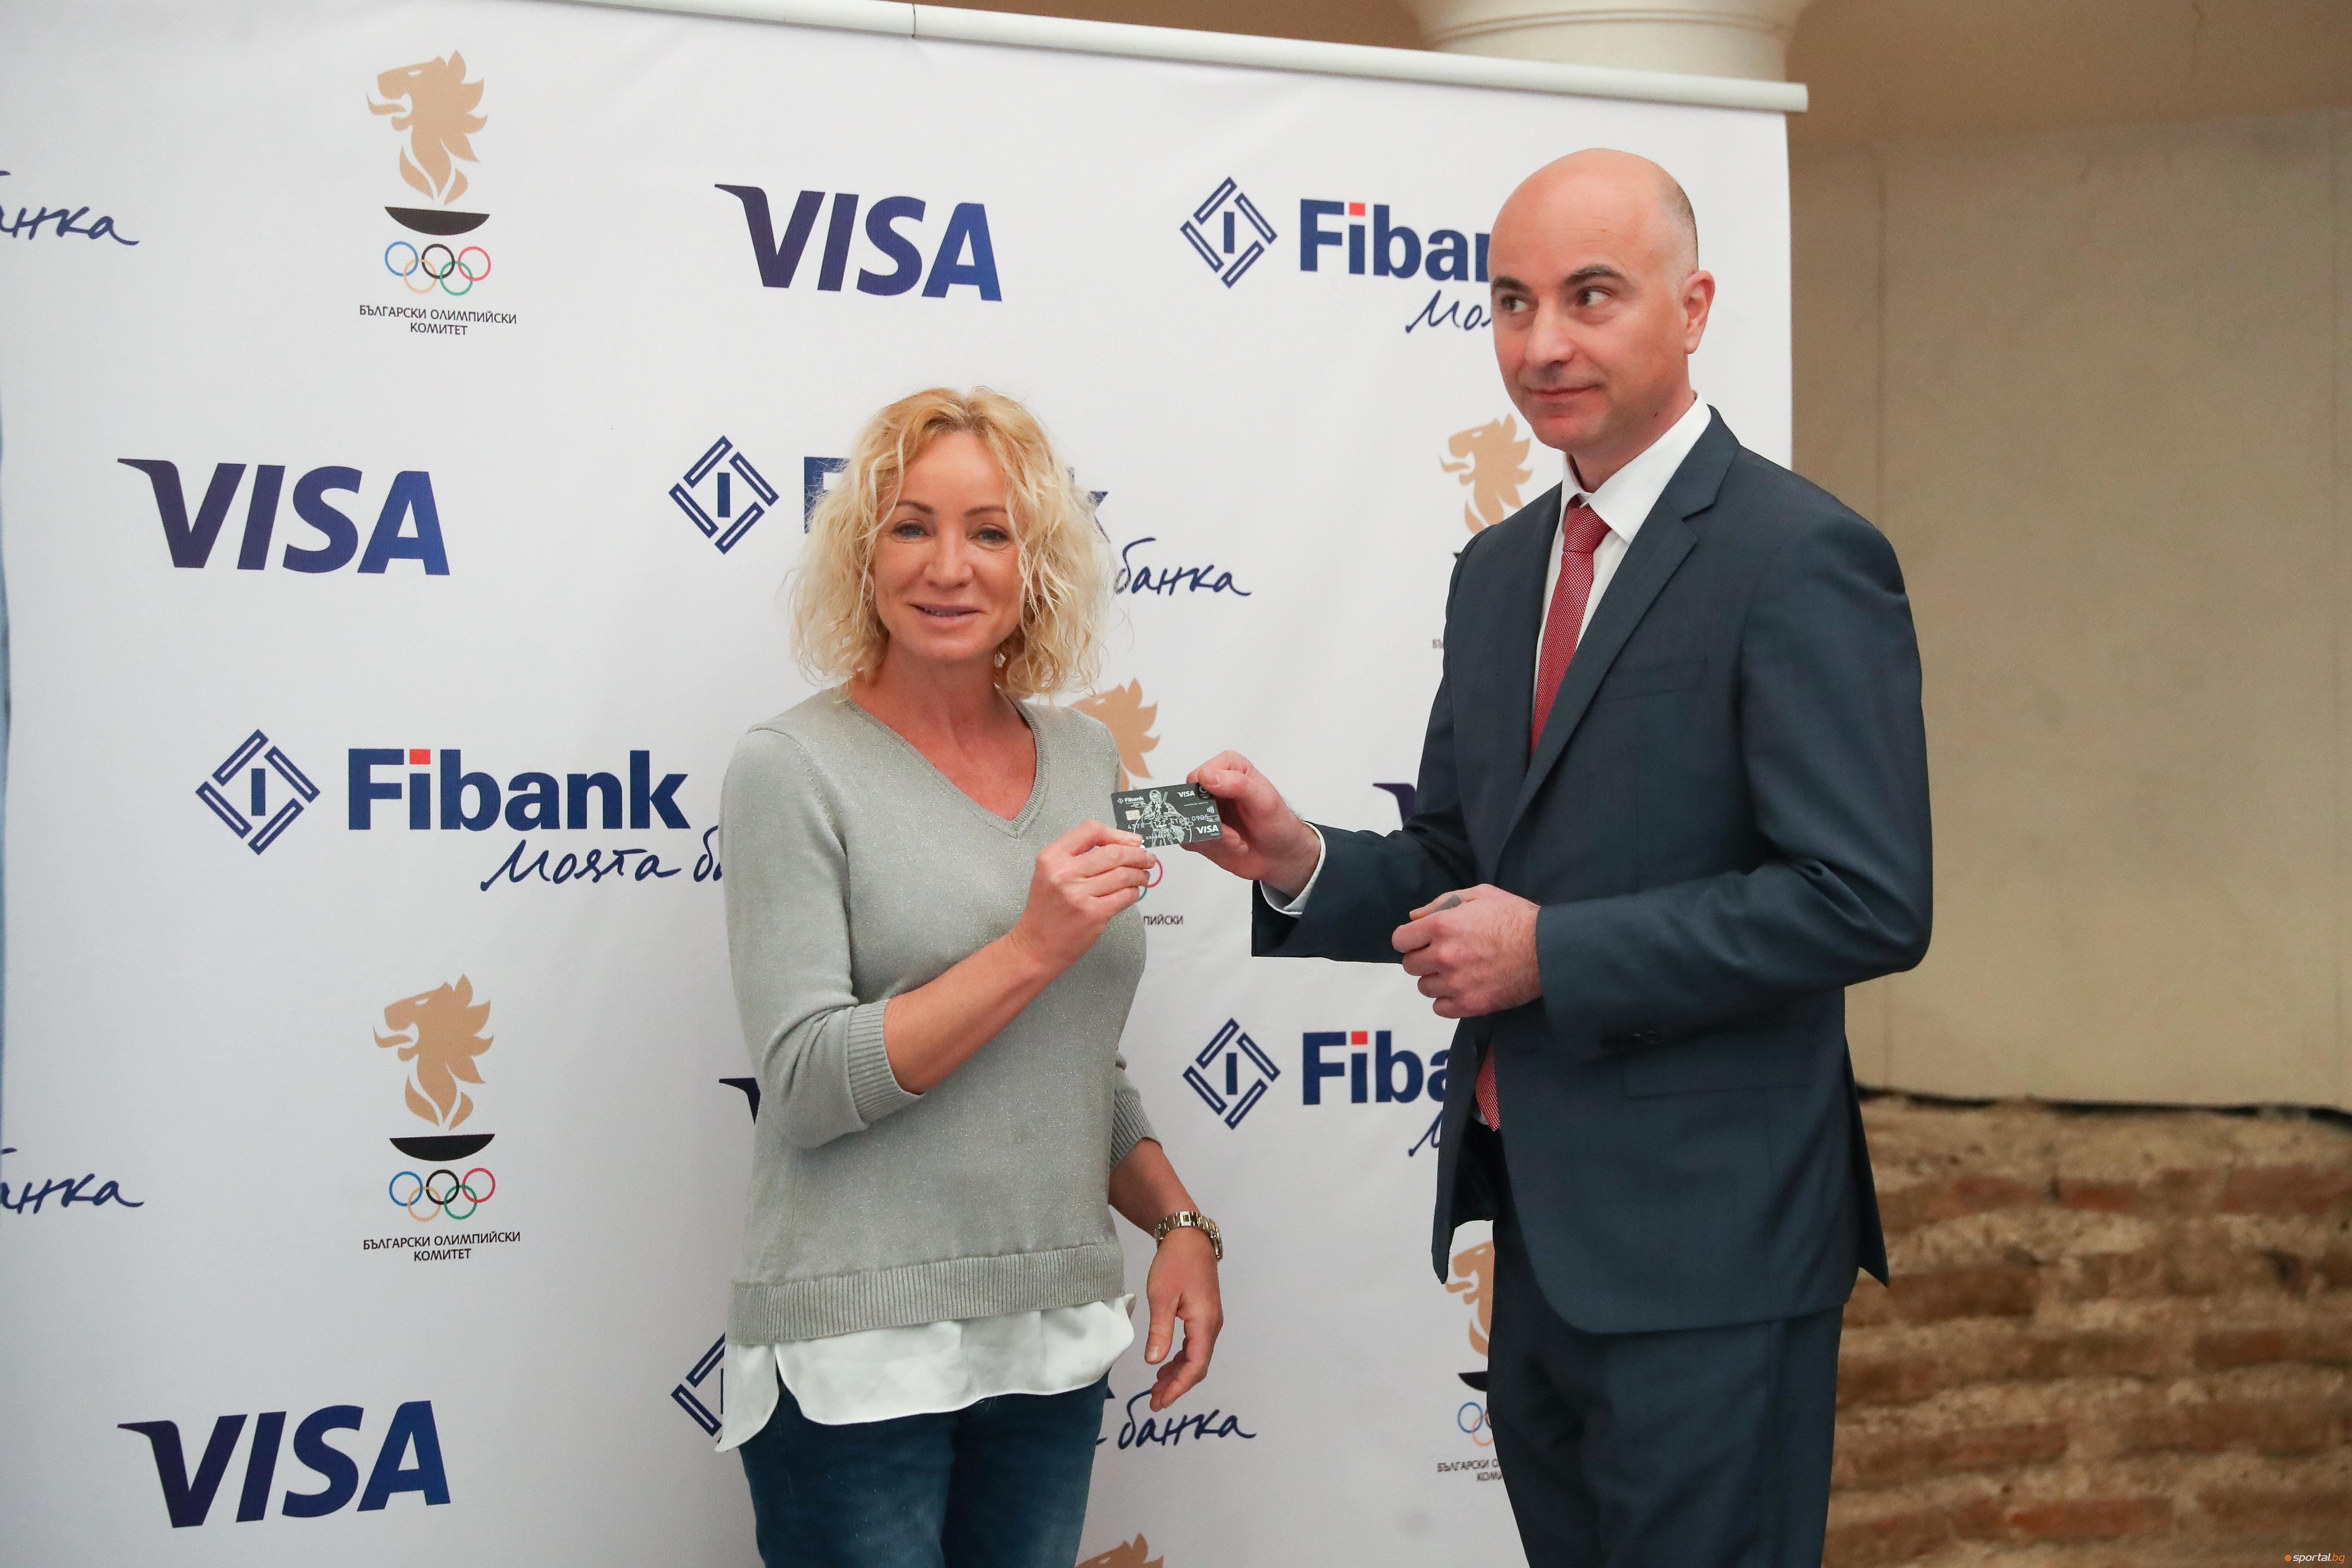 Представянето на новата карта VISA на Fibank, генерален спонсор на